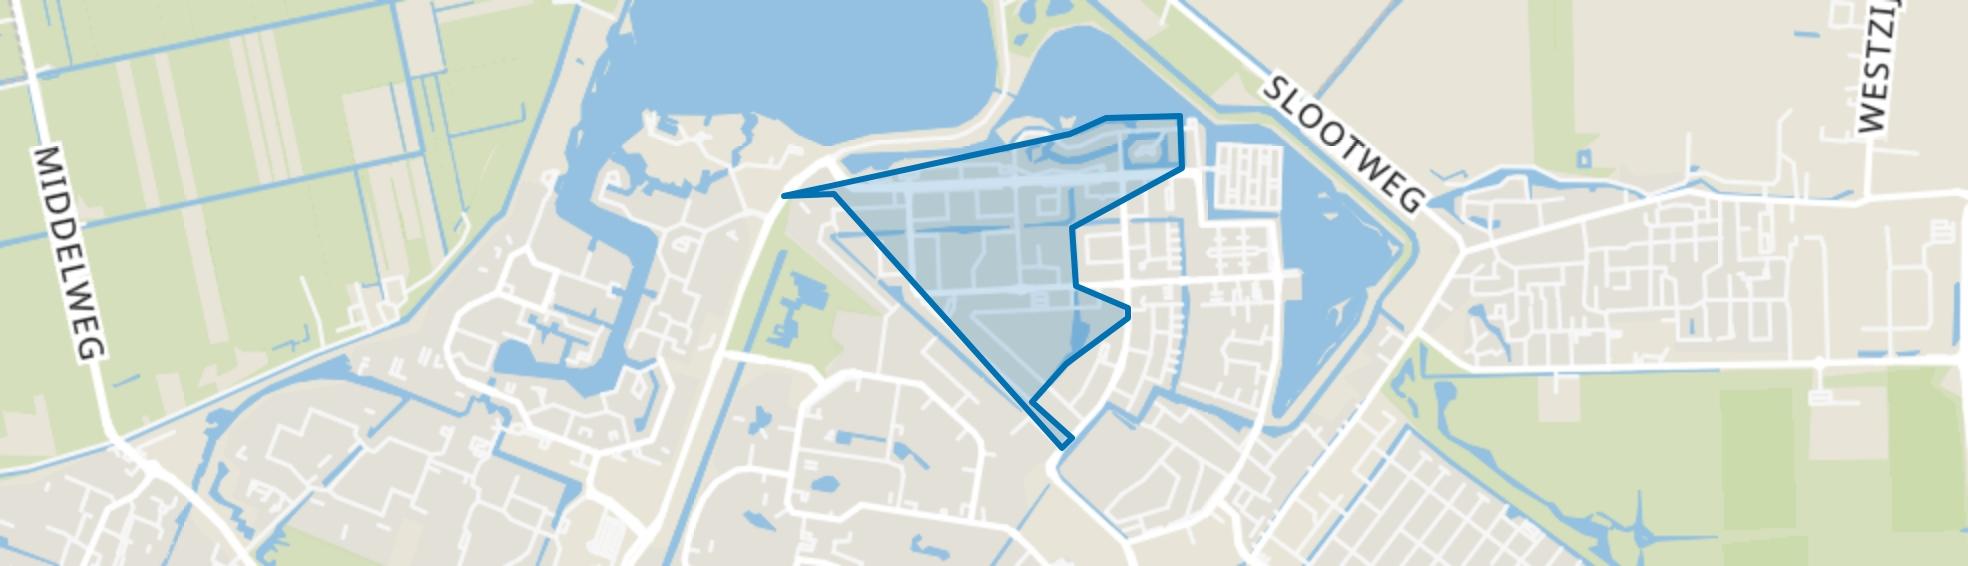 Noordhove-West, Zoetermeer map